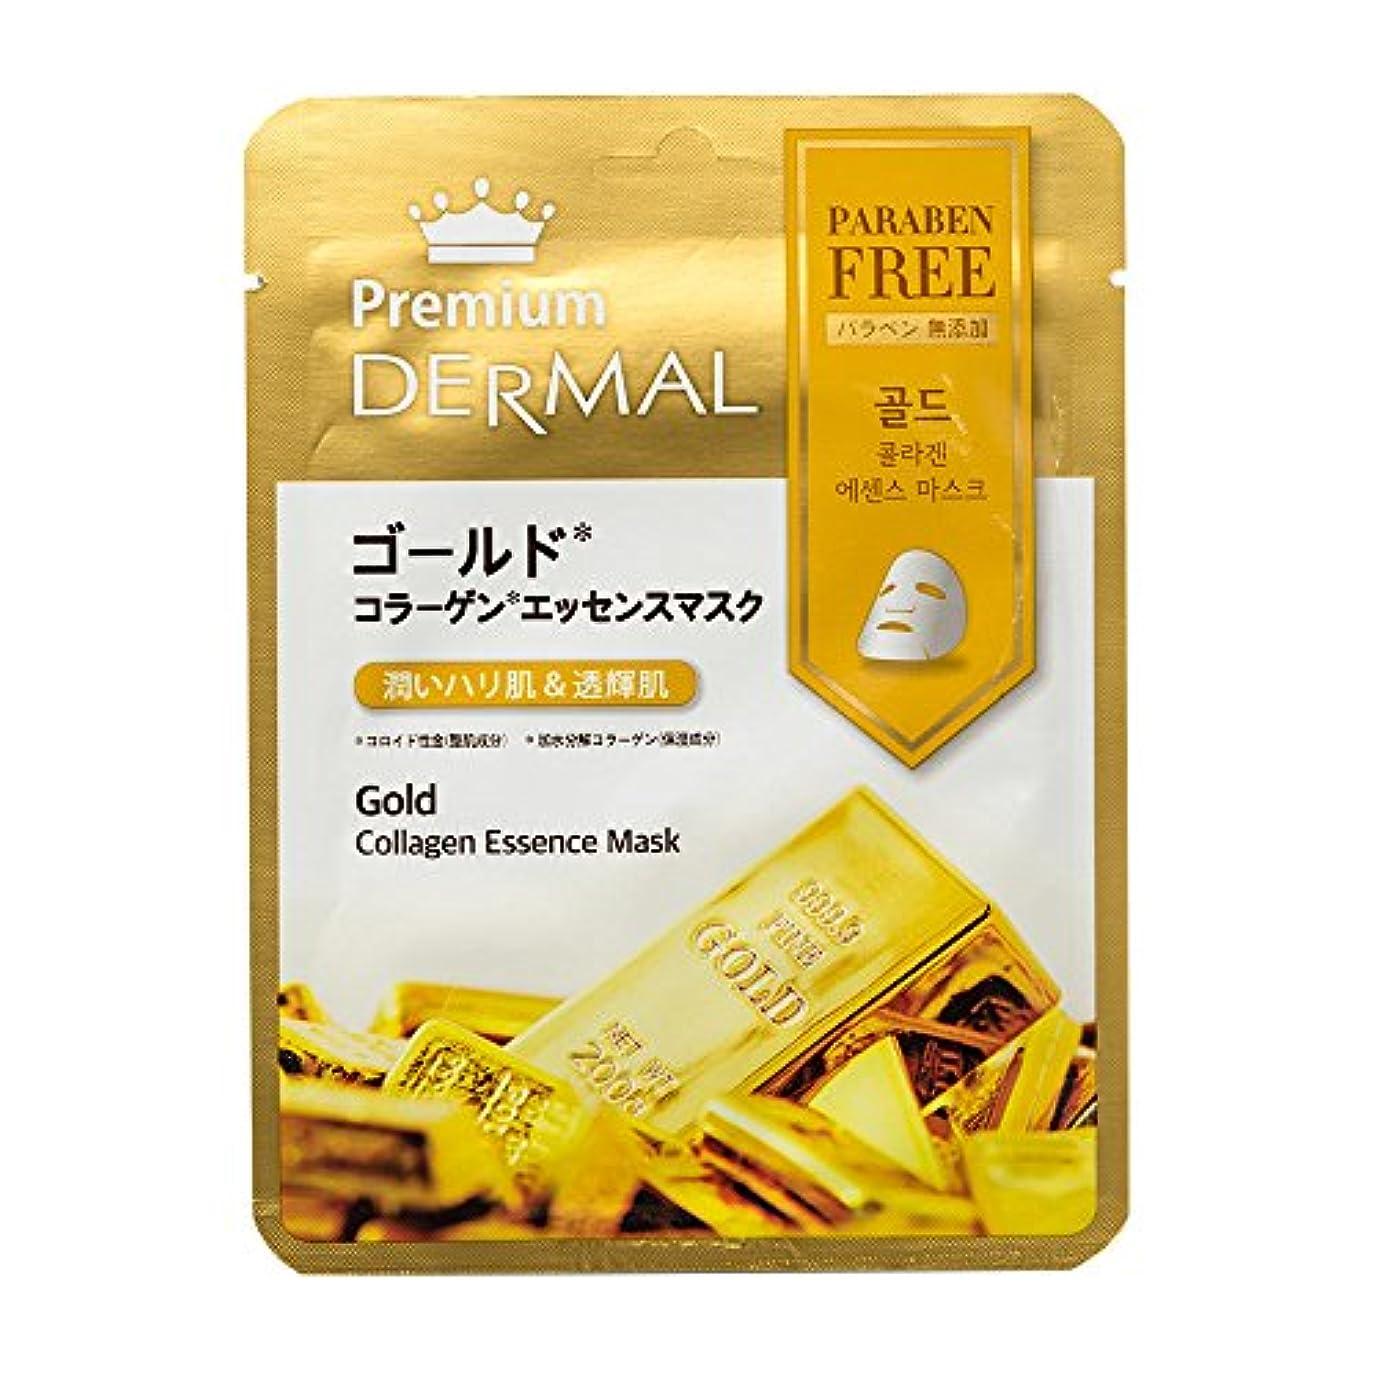 騒々しい粘性の飢饉ダーマルプレミアム コラーゲンエッセンスマスク DP04 ゴールド 25ml/1枚